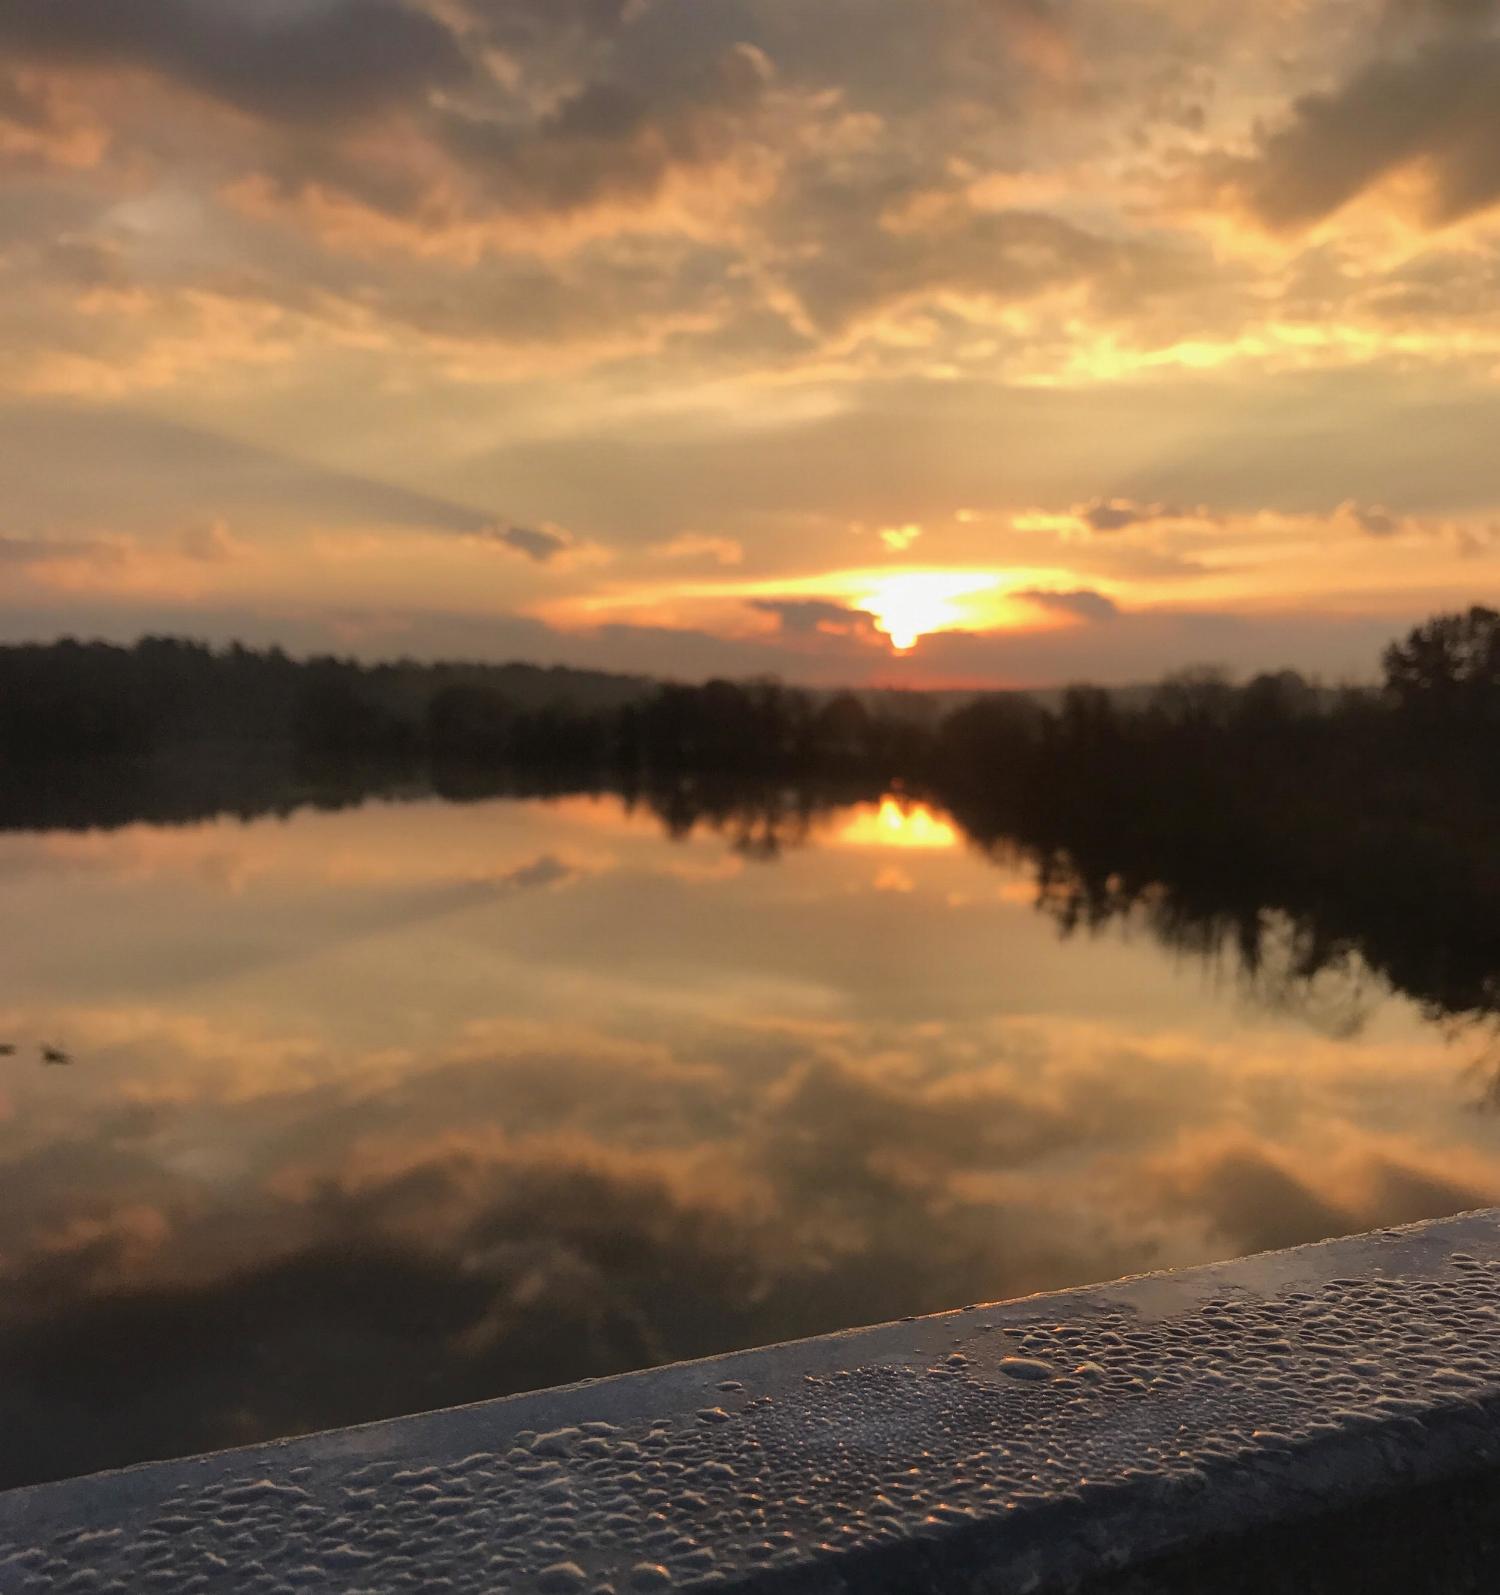 Urbann Arbor_Huron Bridge View.jpg